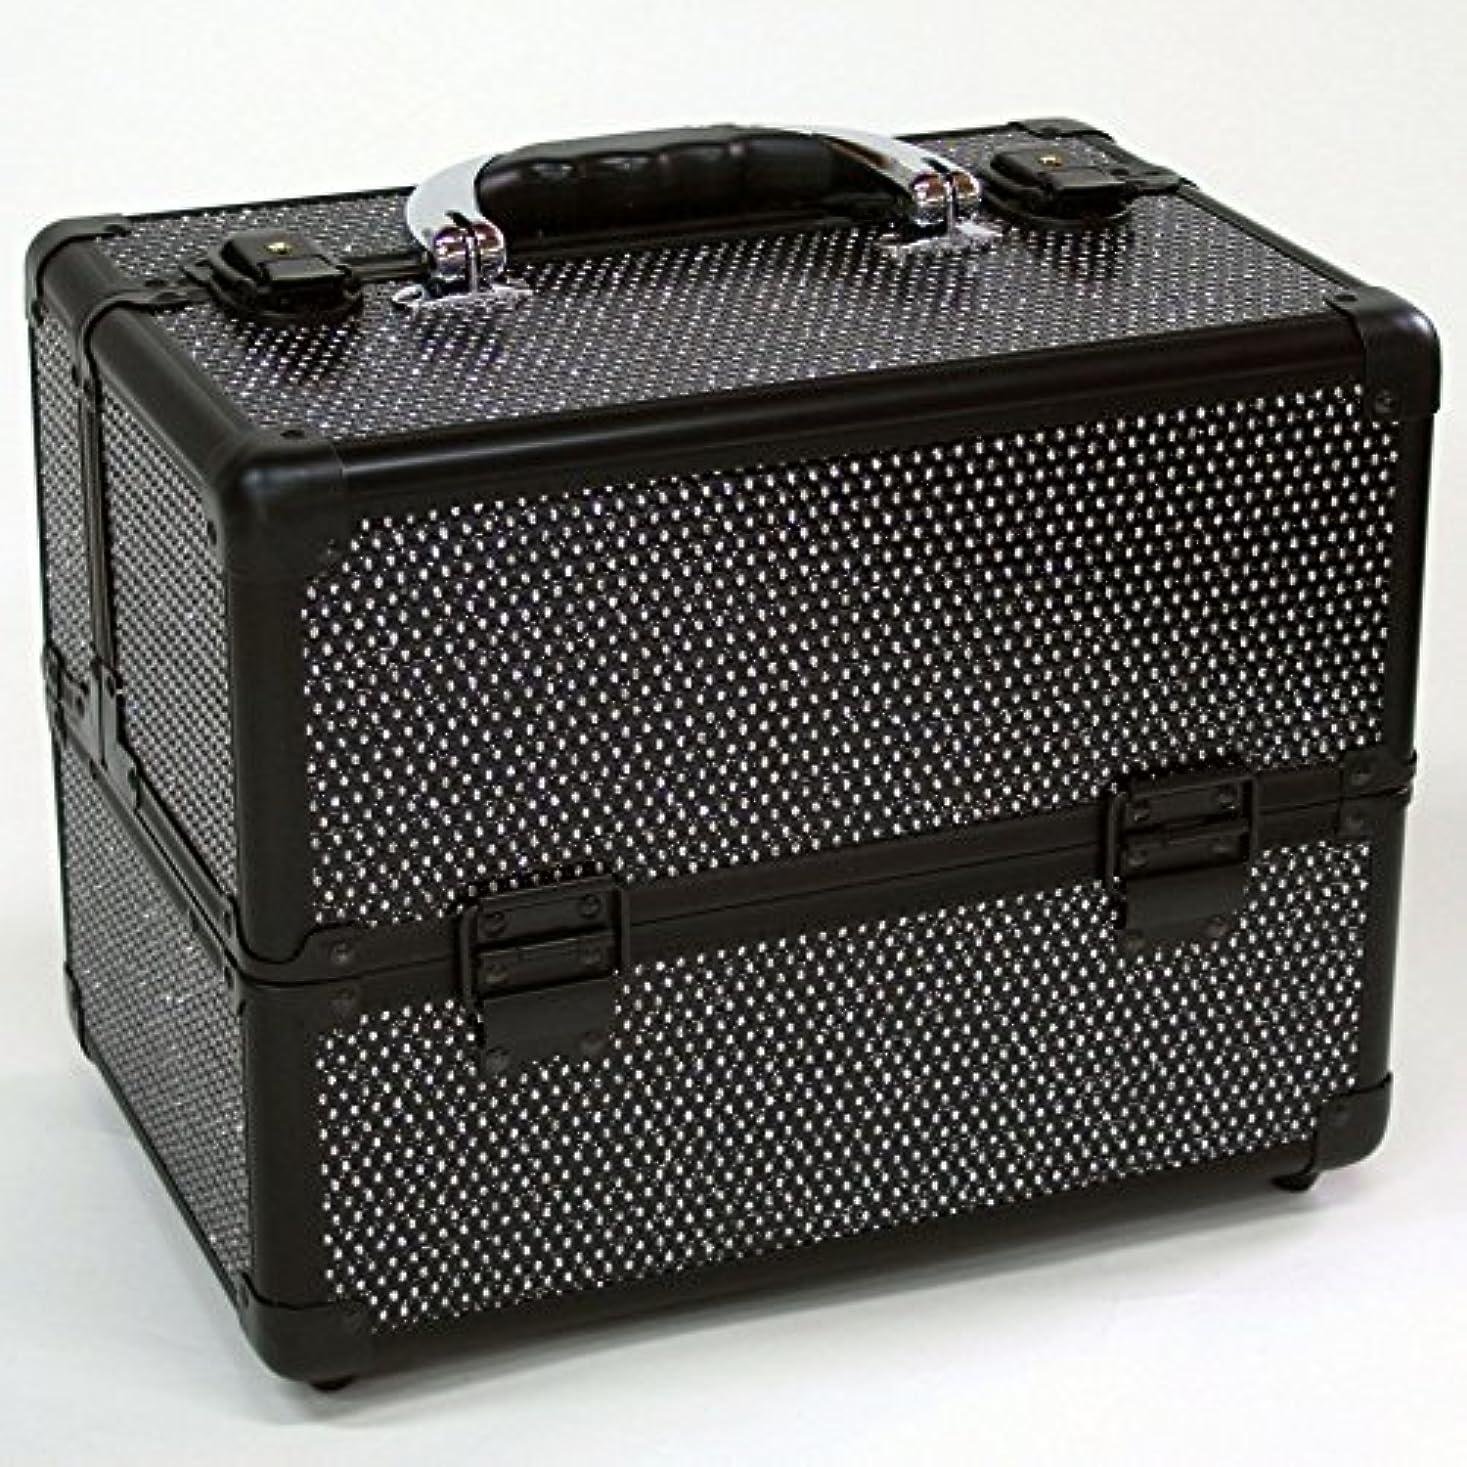 の前でブランチ不適当メイクボックス|D2671K-2|軽量タイプ|コスメボックス 化粧箱 メイクアップボックス|Make box MAKE UP BOX (ブラック)